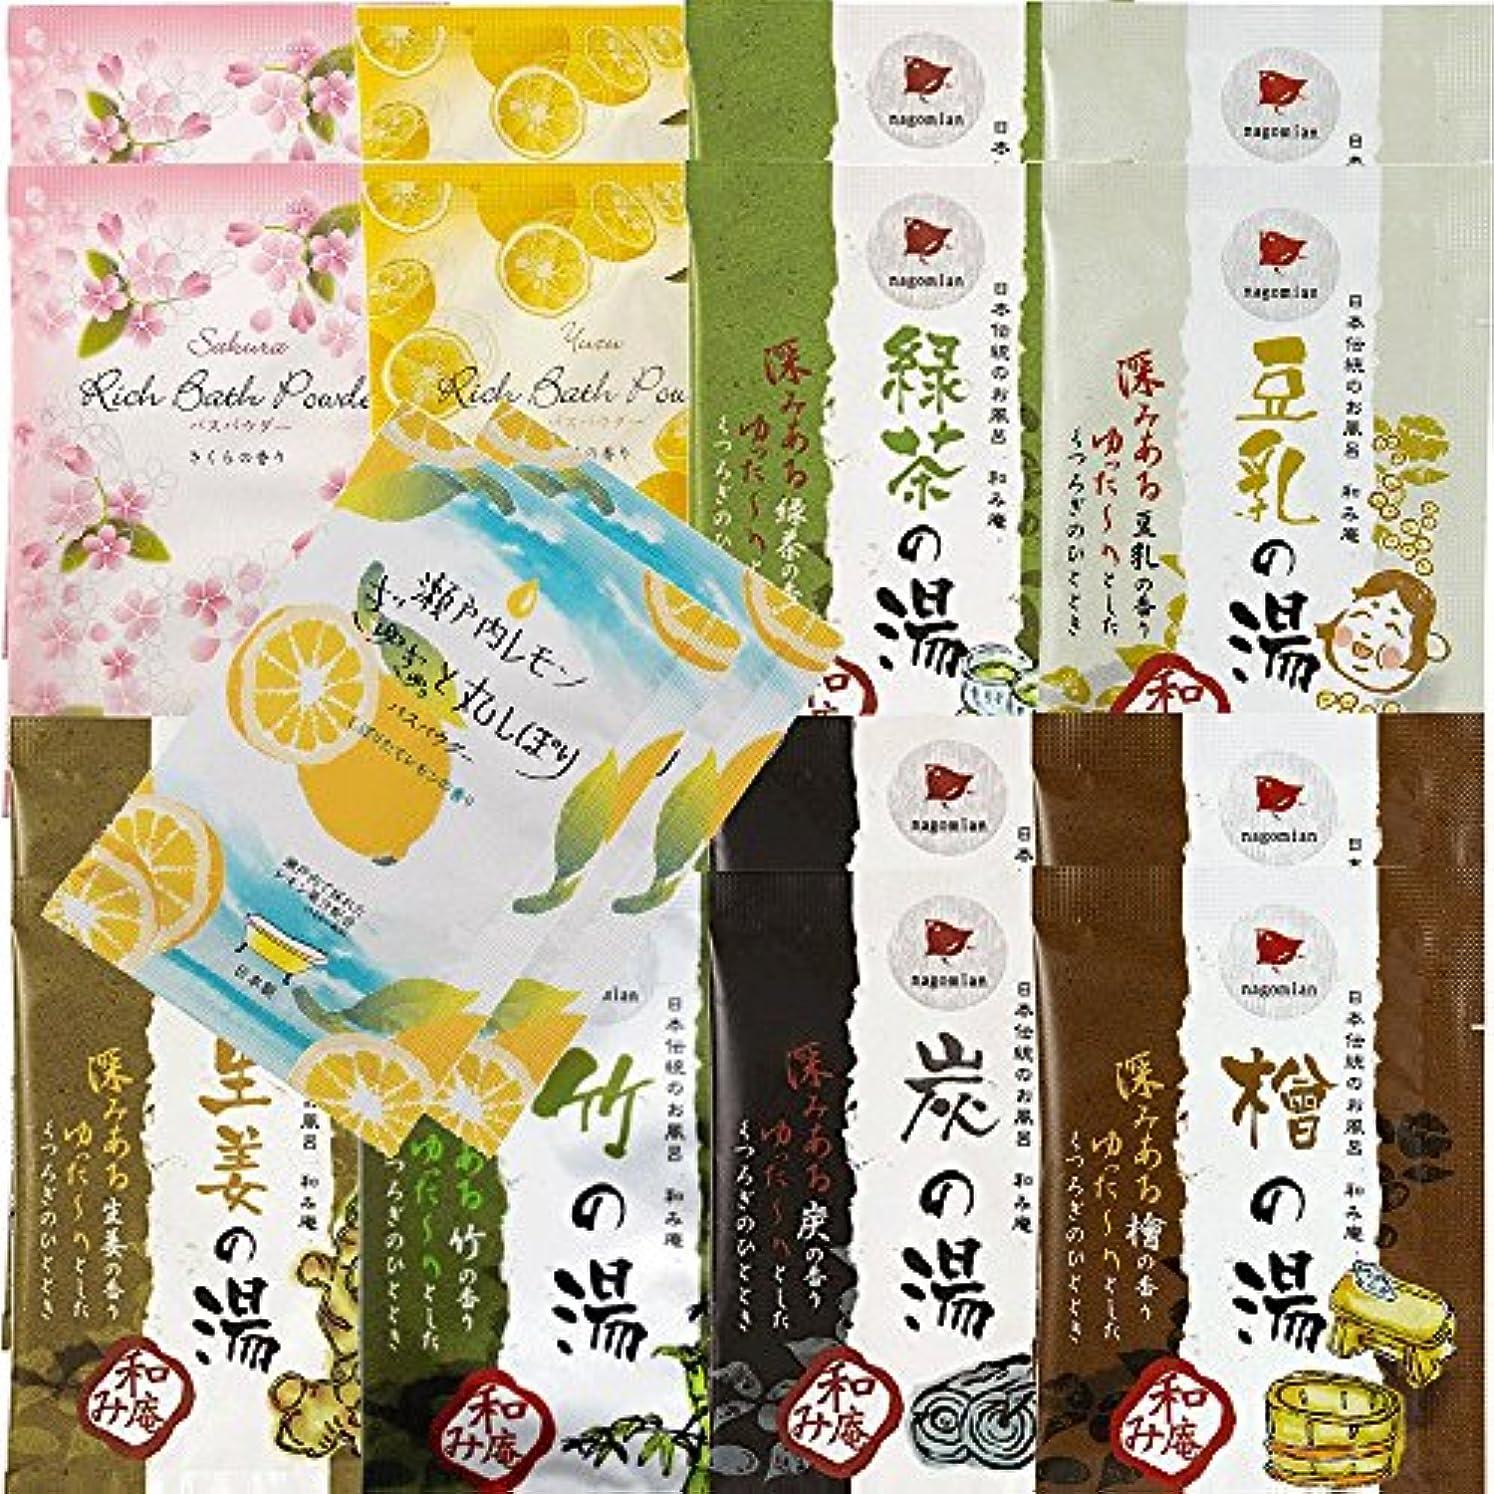 解放するだらしない形状日本伝統のお風呂 和み庵 6種類×2 + バスパウダー 3種類×2セット 和風入浴剤 18包セット